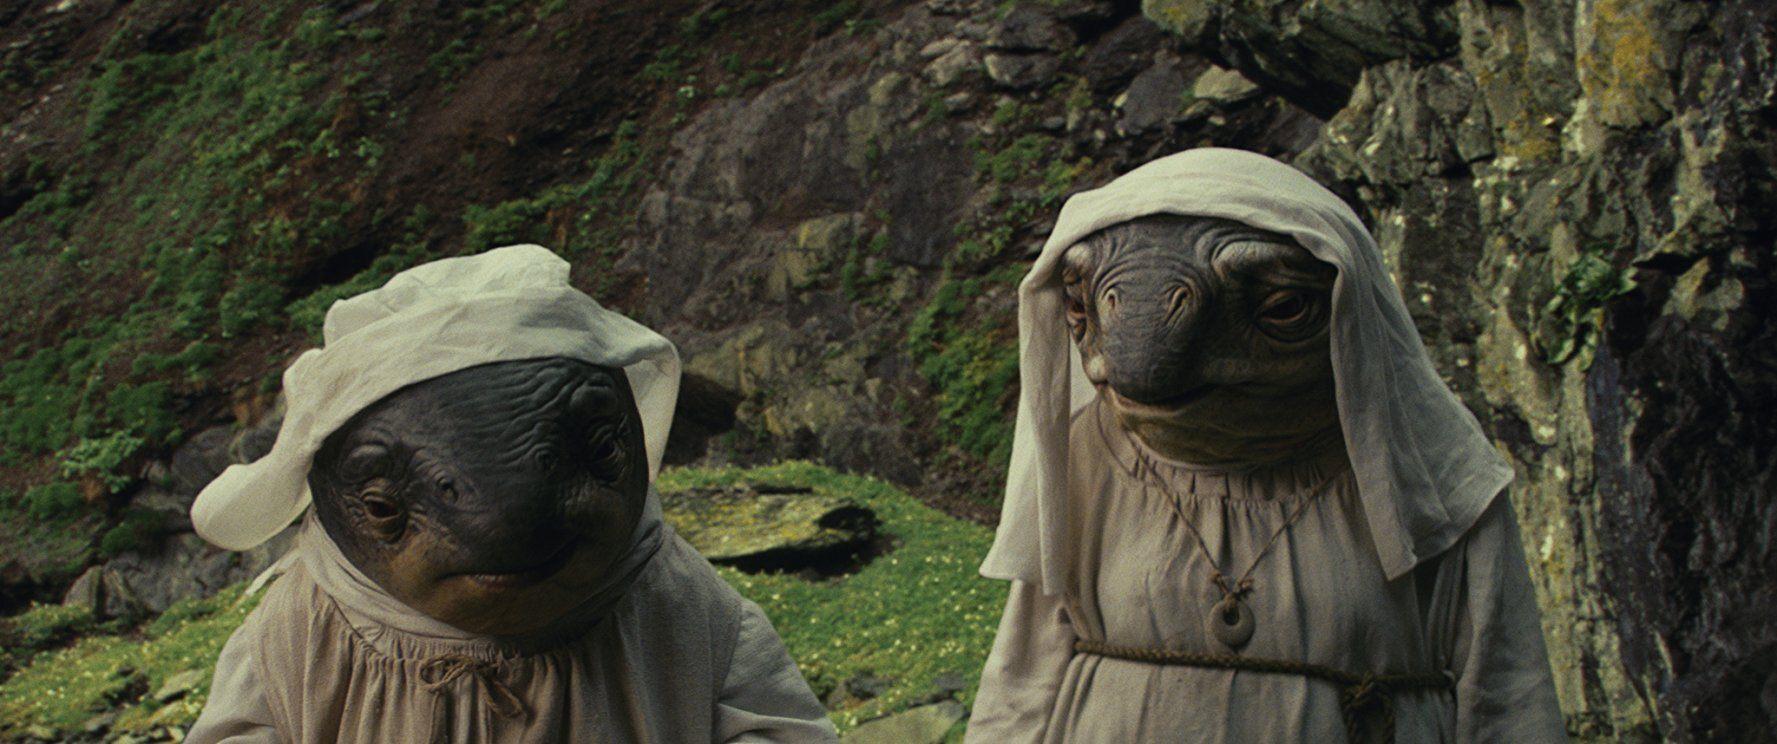 Star Wars: The Last Jedi alien nuns